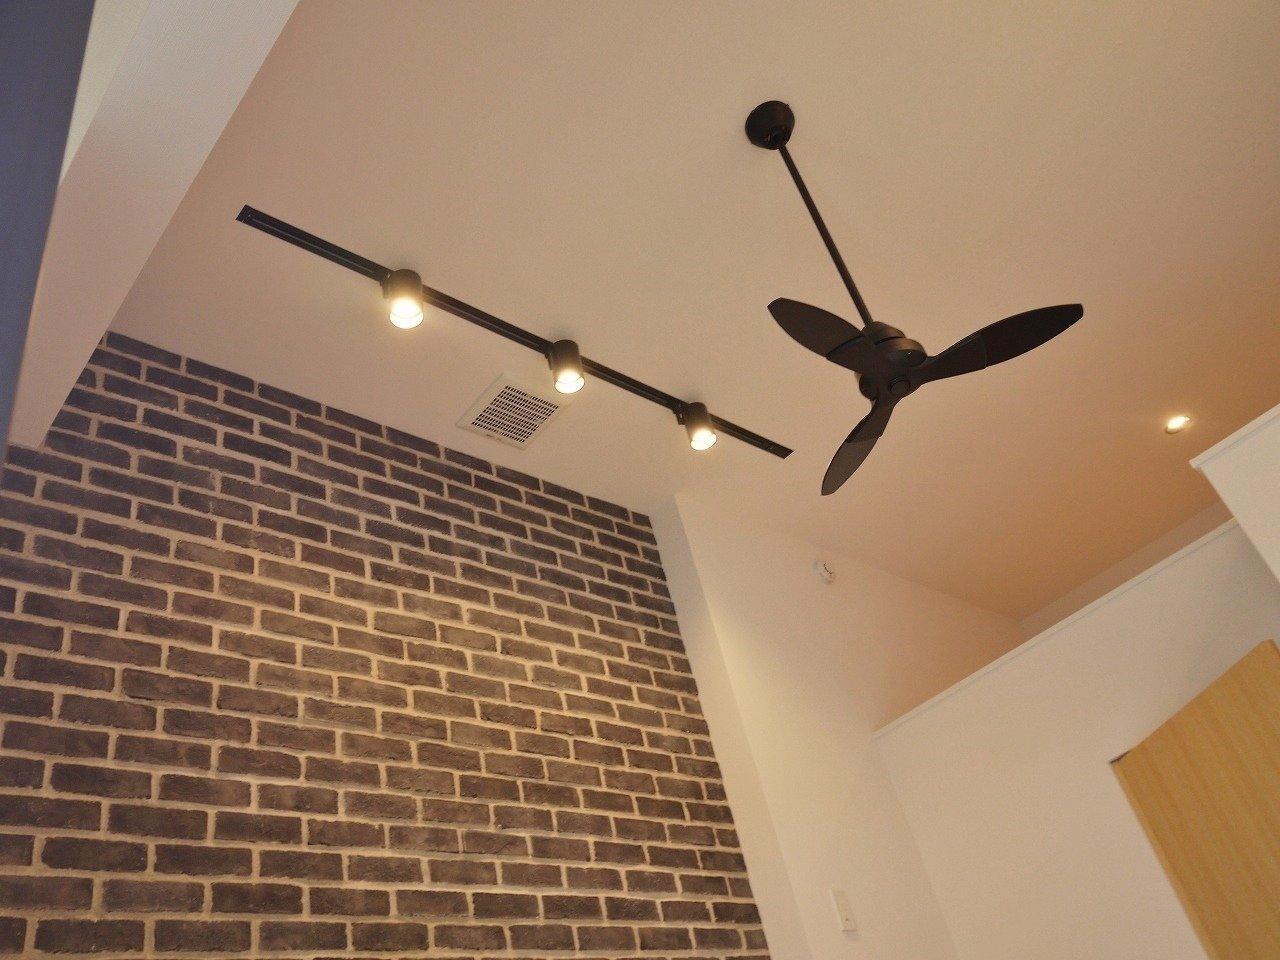 ロフトがあるため、天井が高めなのも特徴です。レンガの壁を照らすあたたかいオレンジのライトがいいですね。シーリングファンがついている物件なんてそうそうないですよ!